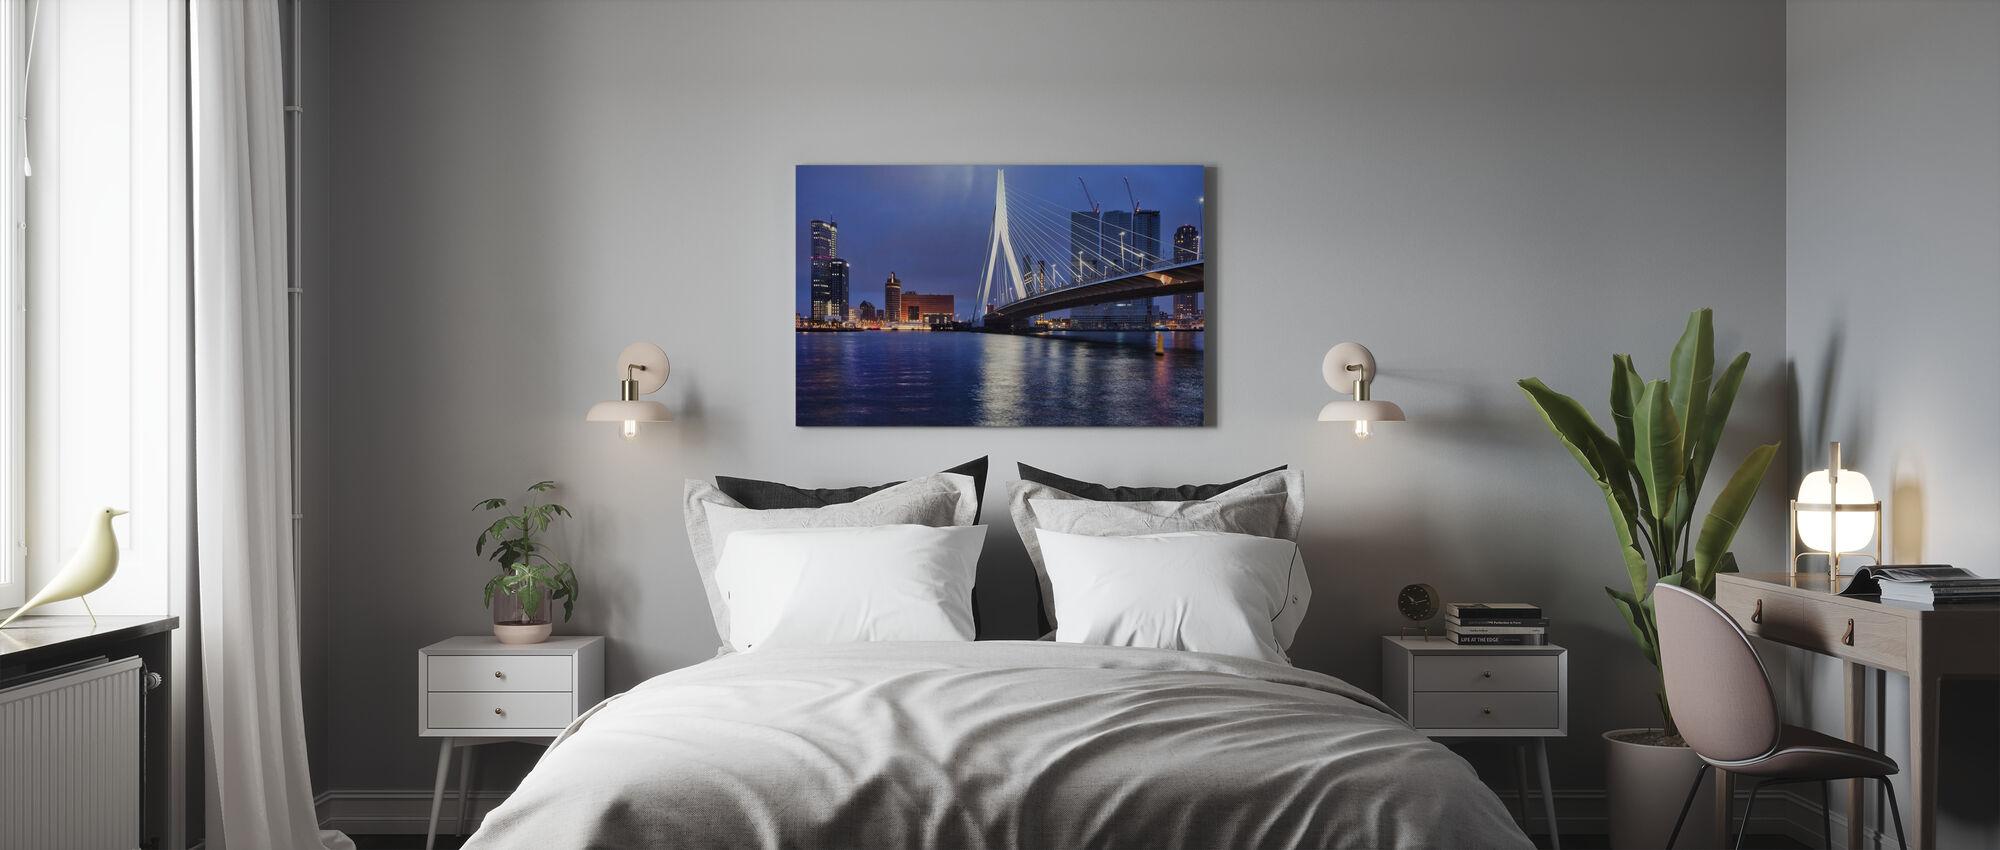 Stadt Rotterdam bei Nacht - Leinwandbild - Schlafzimmer